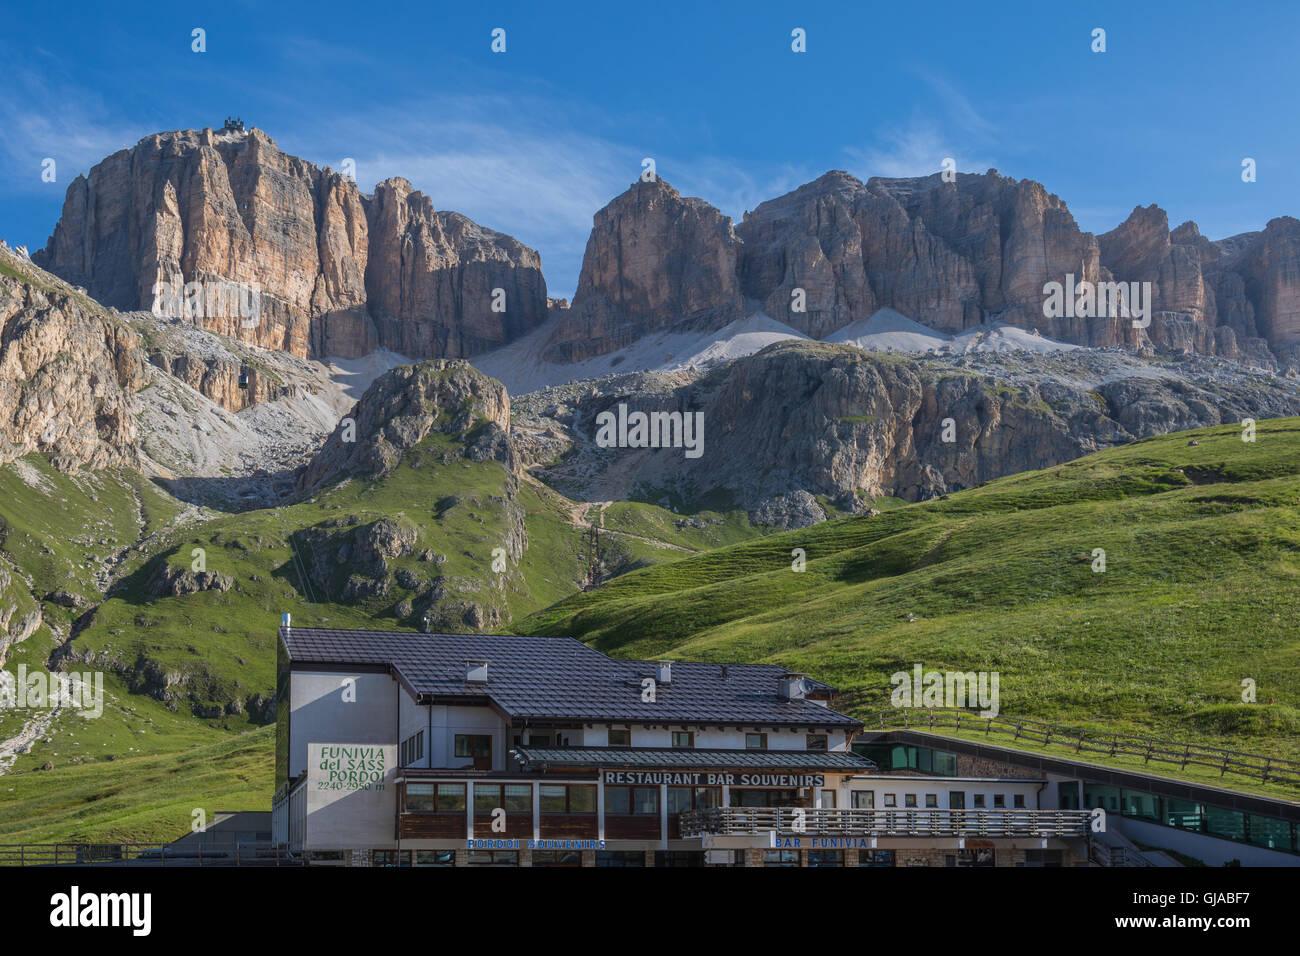 Cable car station on Pordoi Pass (2.240 m), leading to Sass Pordoi (2.950 m), Sella group, Dolomites, Italy - Stock Image